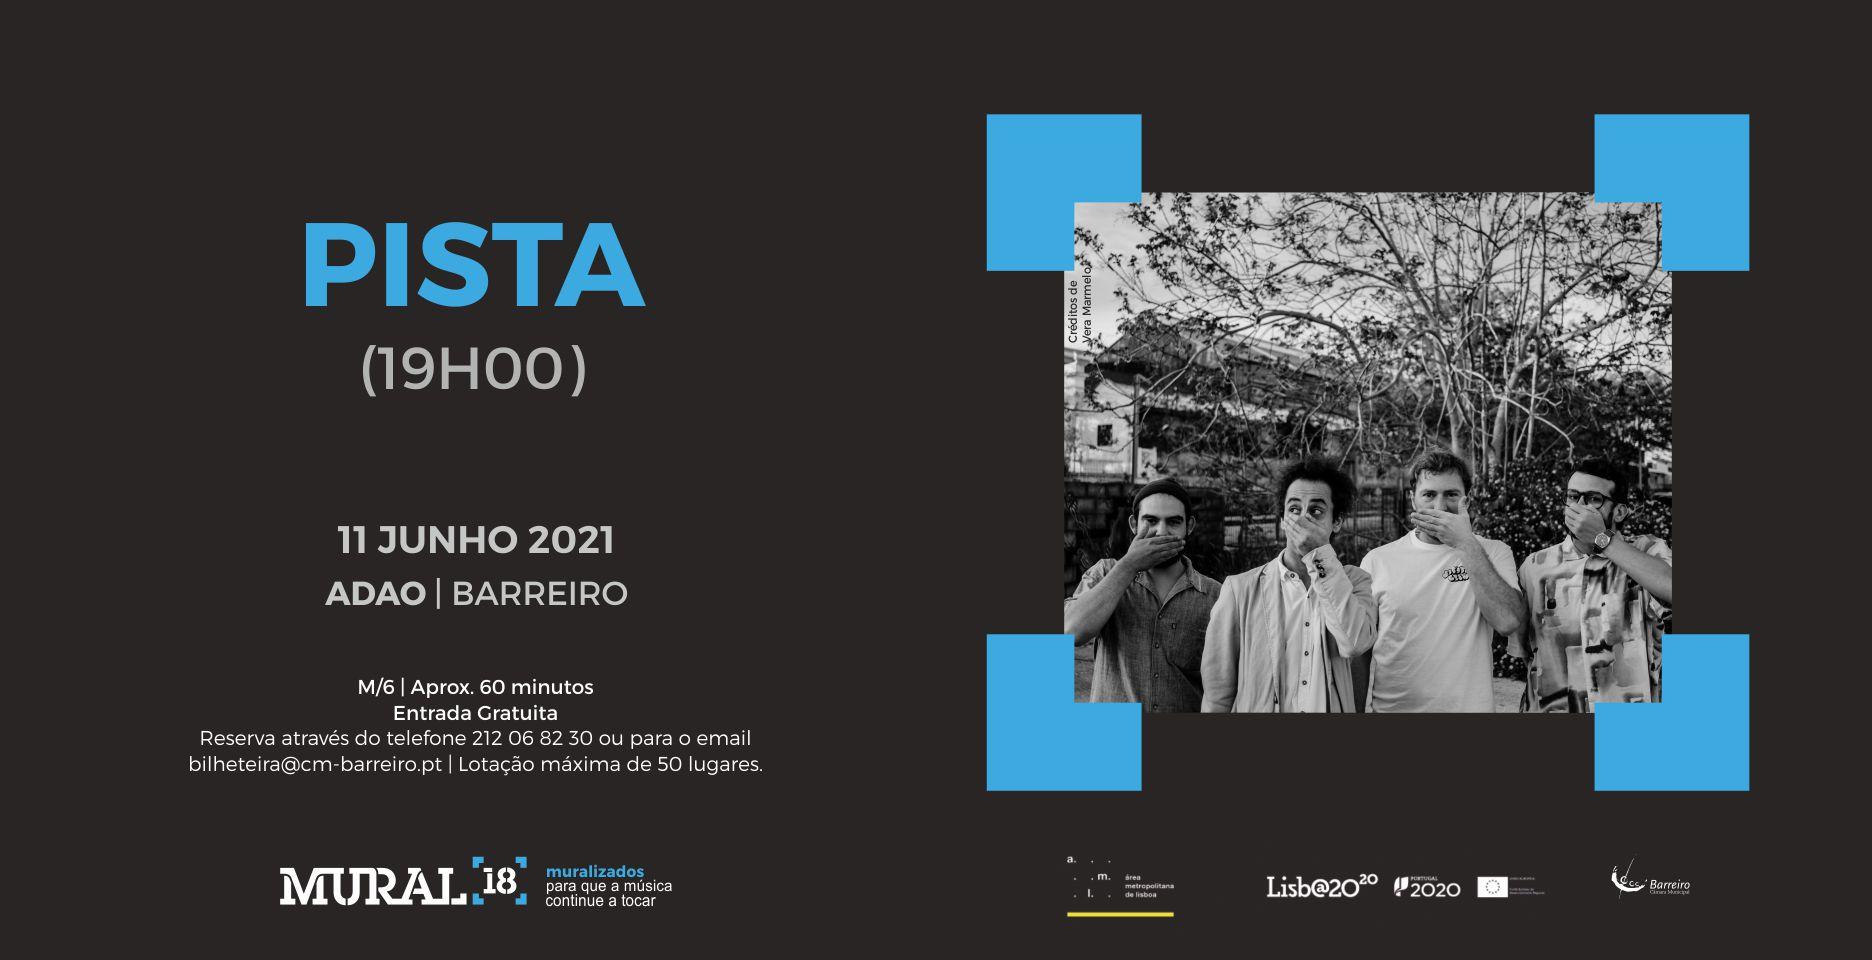 PISTA + Conan Castro and the Moonshine Piñatas | Concerto Programação em Rede MURAL 18